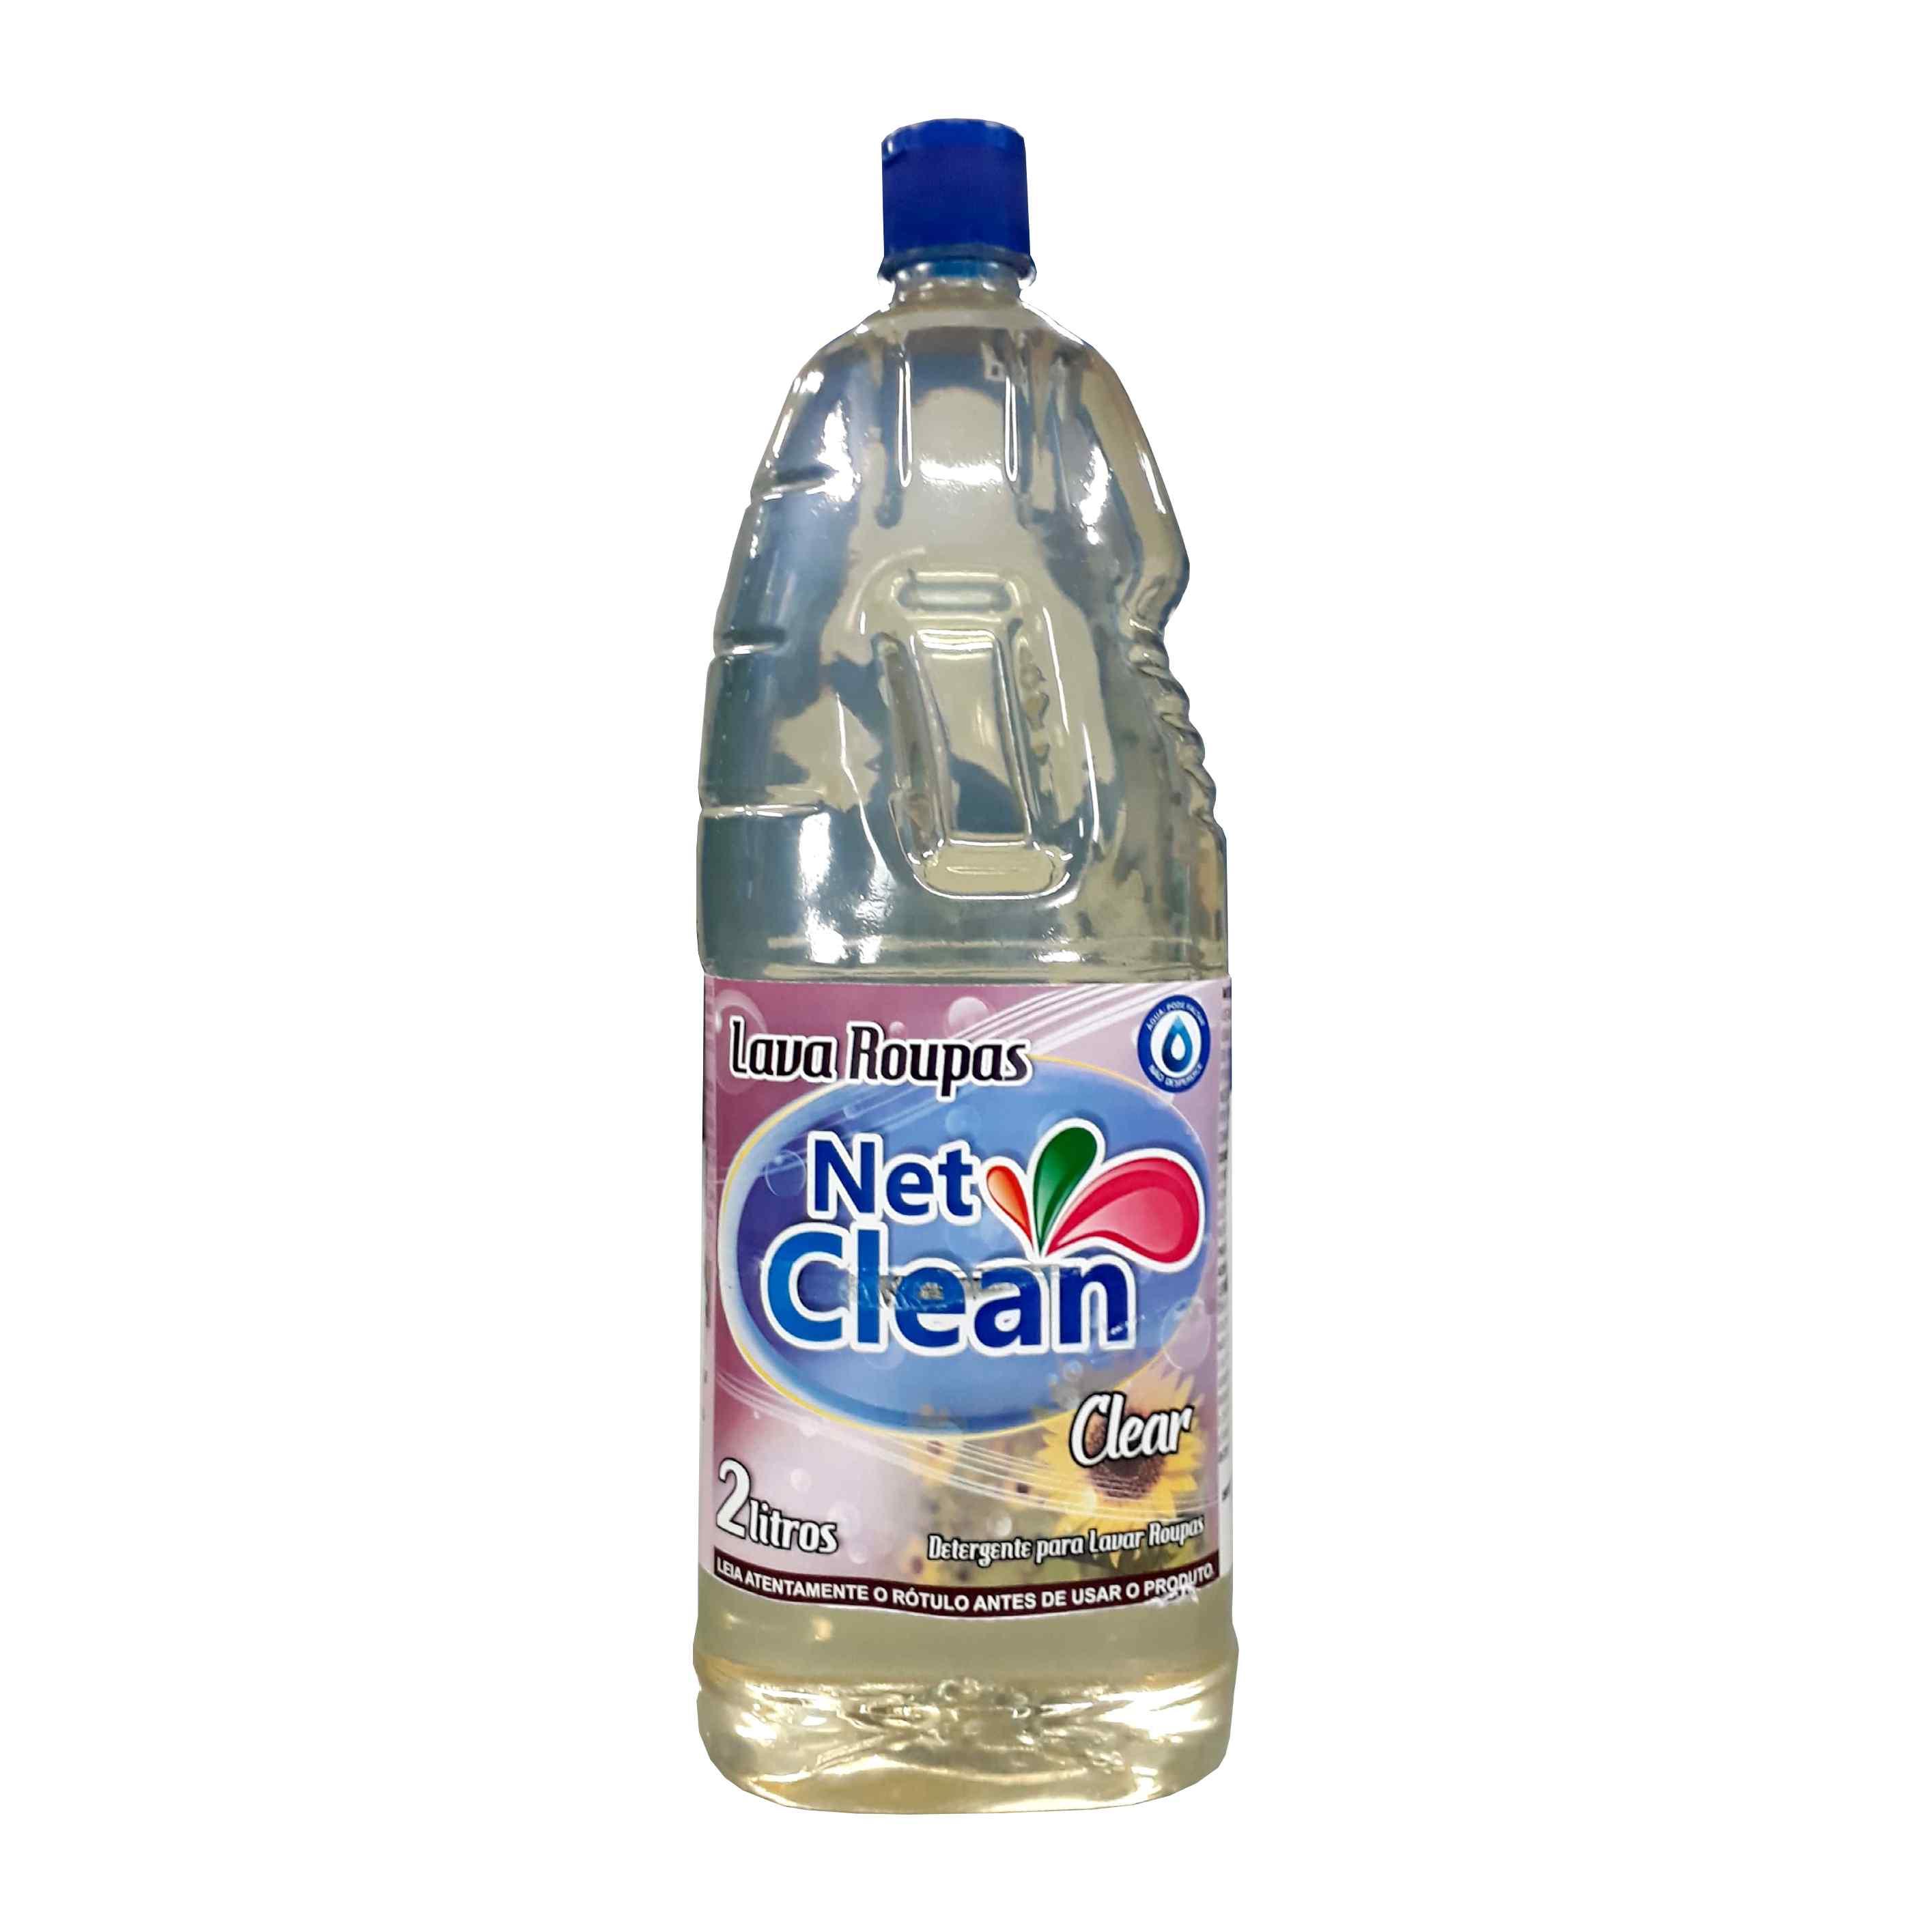 DETERGENTE LAVA ROUPAS - CLEAN NETCLEAN 2L